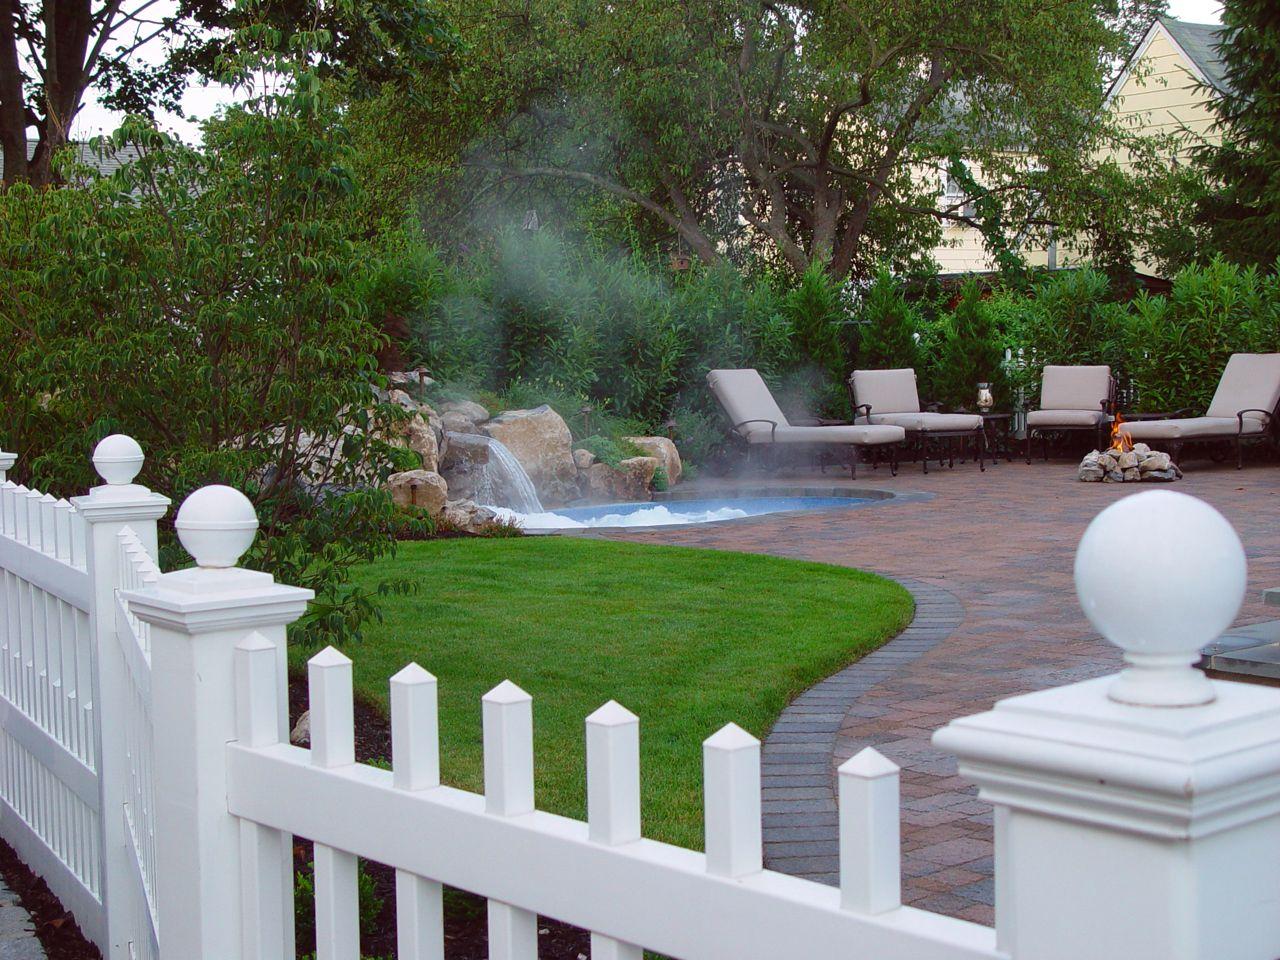 Pool/Spa Combo for Small Backyard: